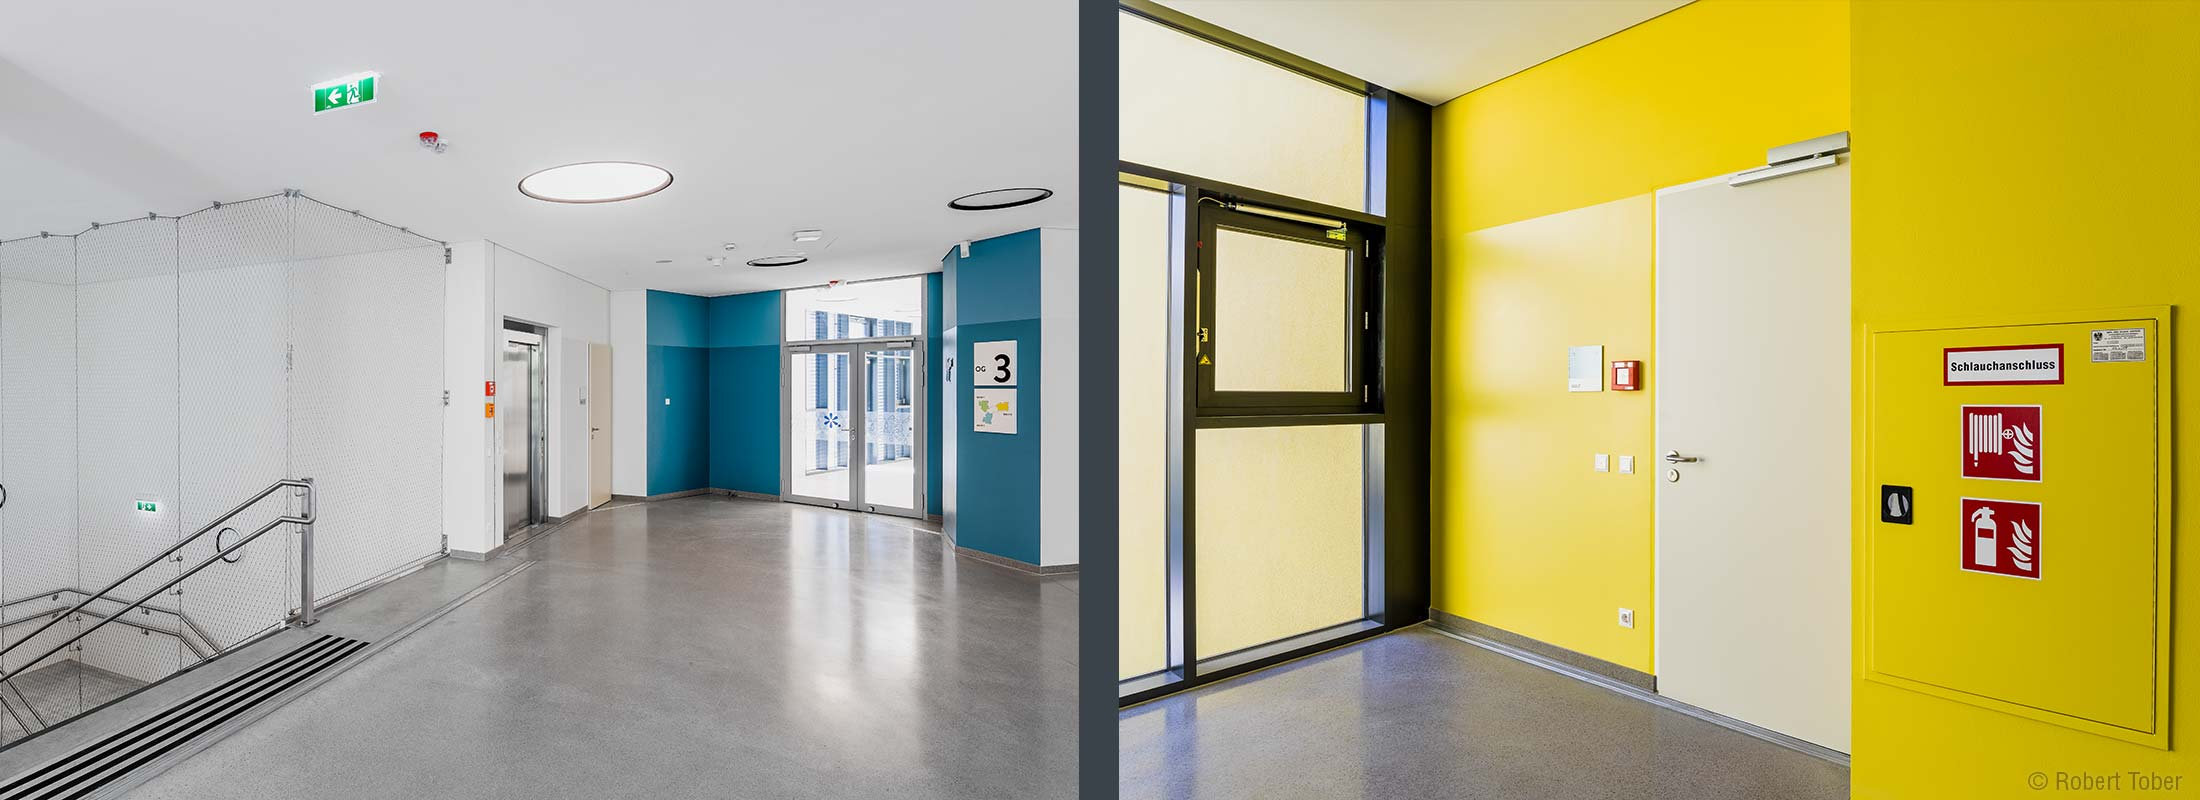 Wandhydrant, Feuerlöscher und Rauch- und Wärmeabzugsfenster. Christine Nöstlinger Campus Wien. © Robert Tober